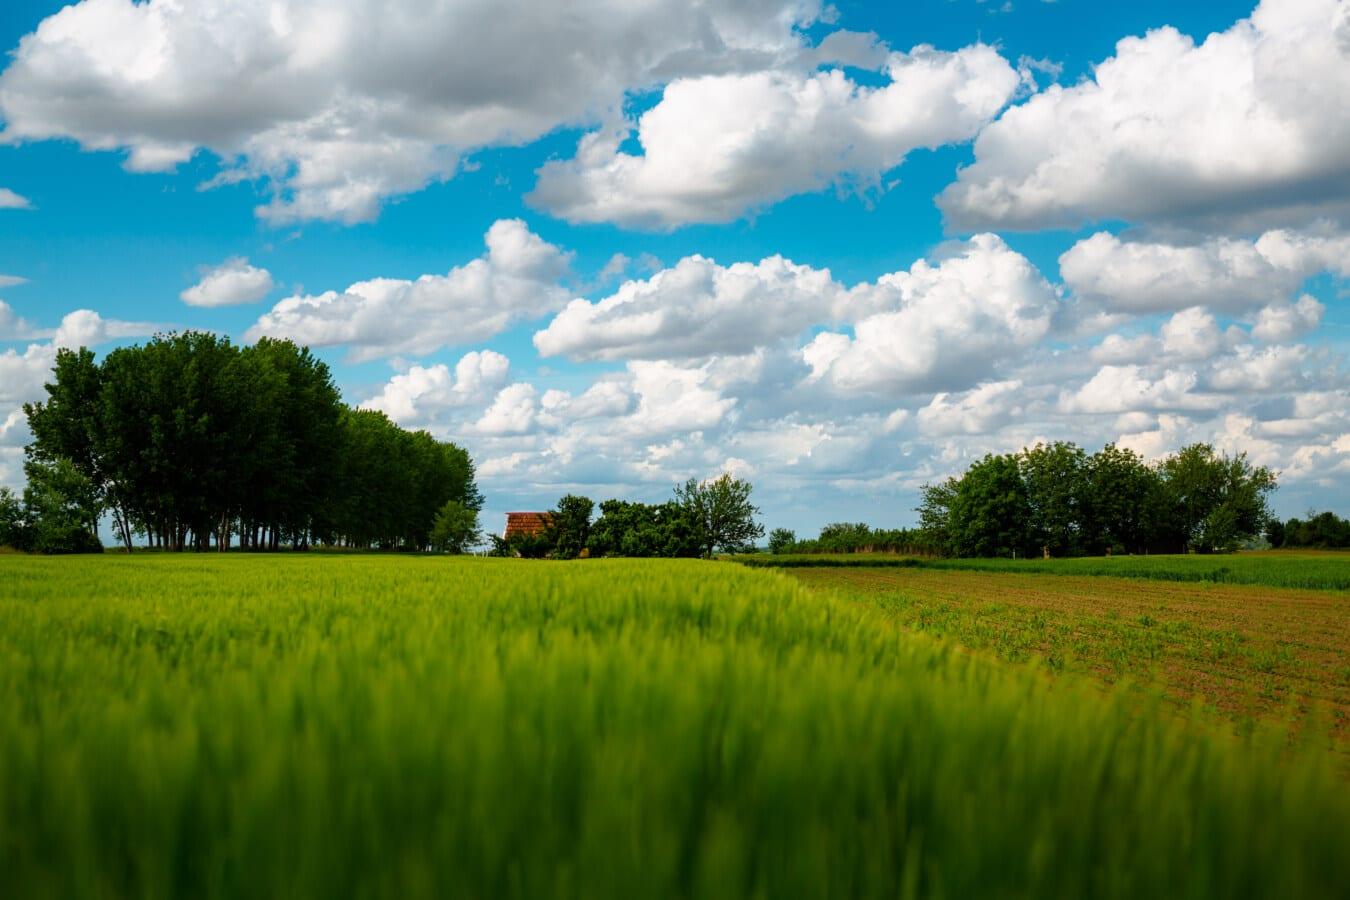 Ackerland, Bauernhof, Weizenfeld, idyllisch, Atmosphäre, Feld, Gras, Landwirtschaft, des ländlichen Raums, Wiese